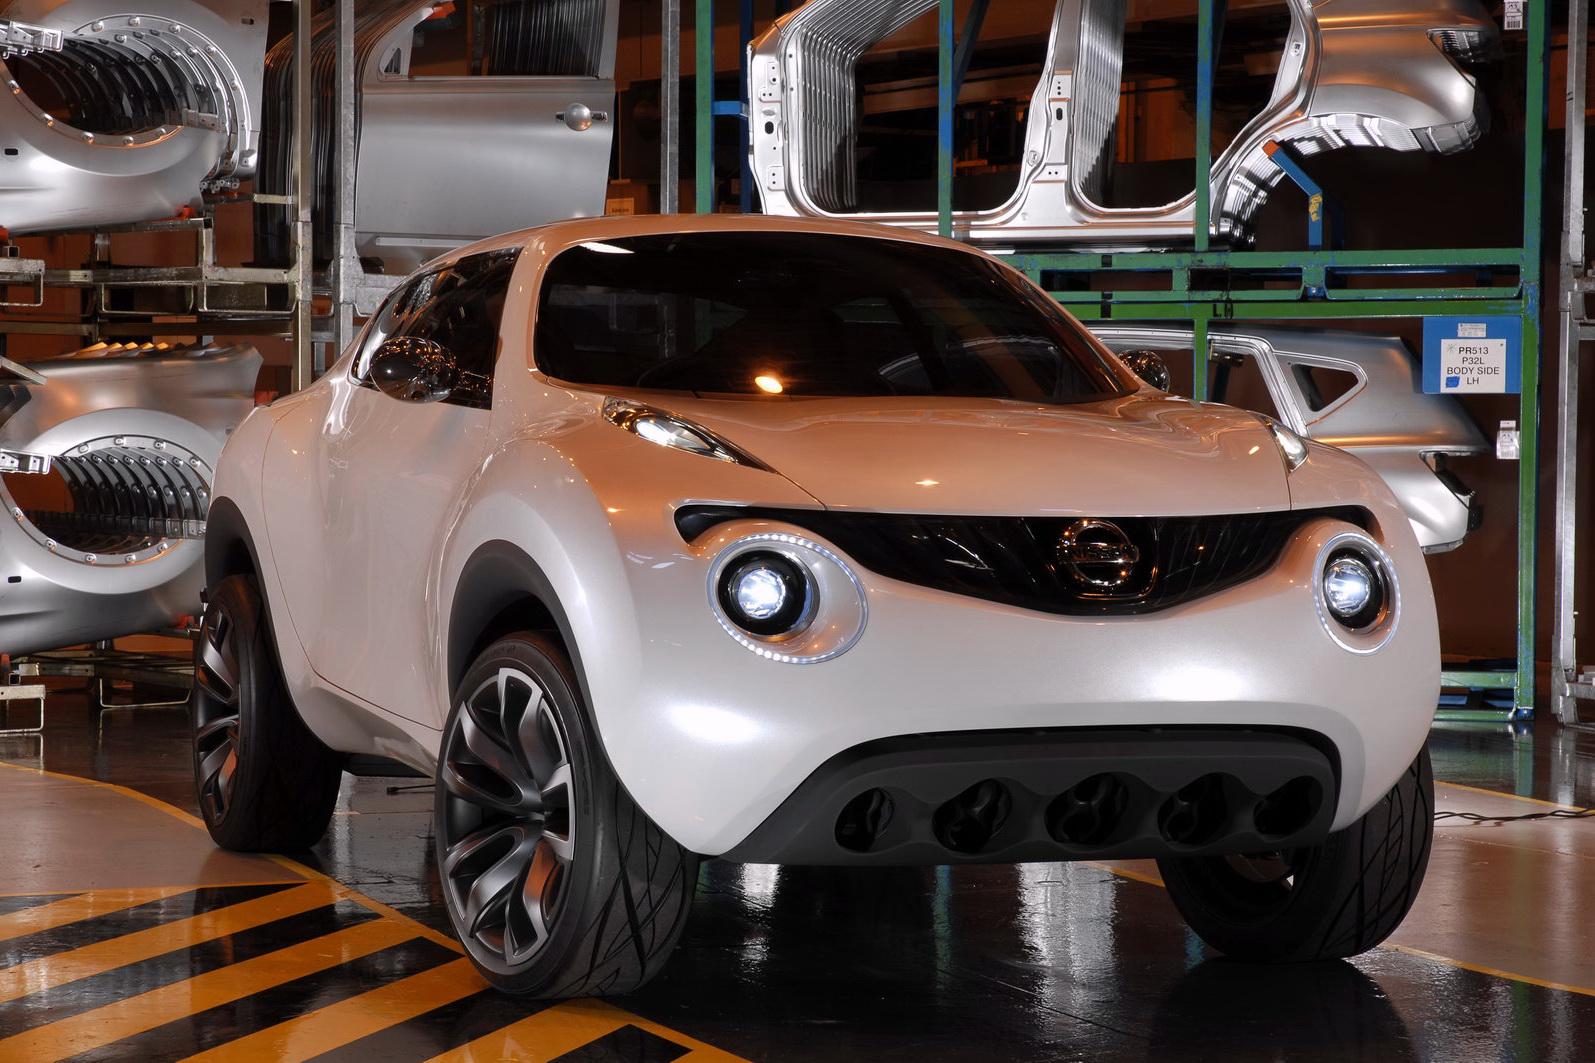 http://2.bp.blogspot.com/-h2zLYmWne6o/TfnPdo-kz3I/AAAAAAAAACA/gLFrROIK0JU/s1600/Nissan-Qazana-Concept-1.jpg